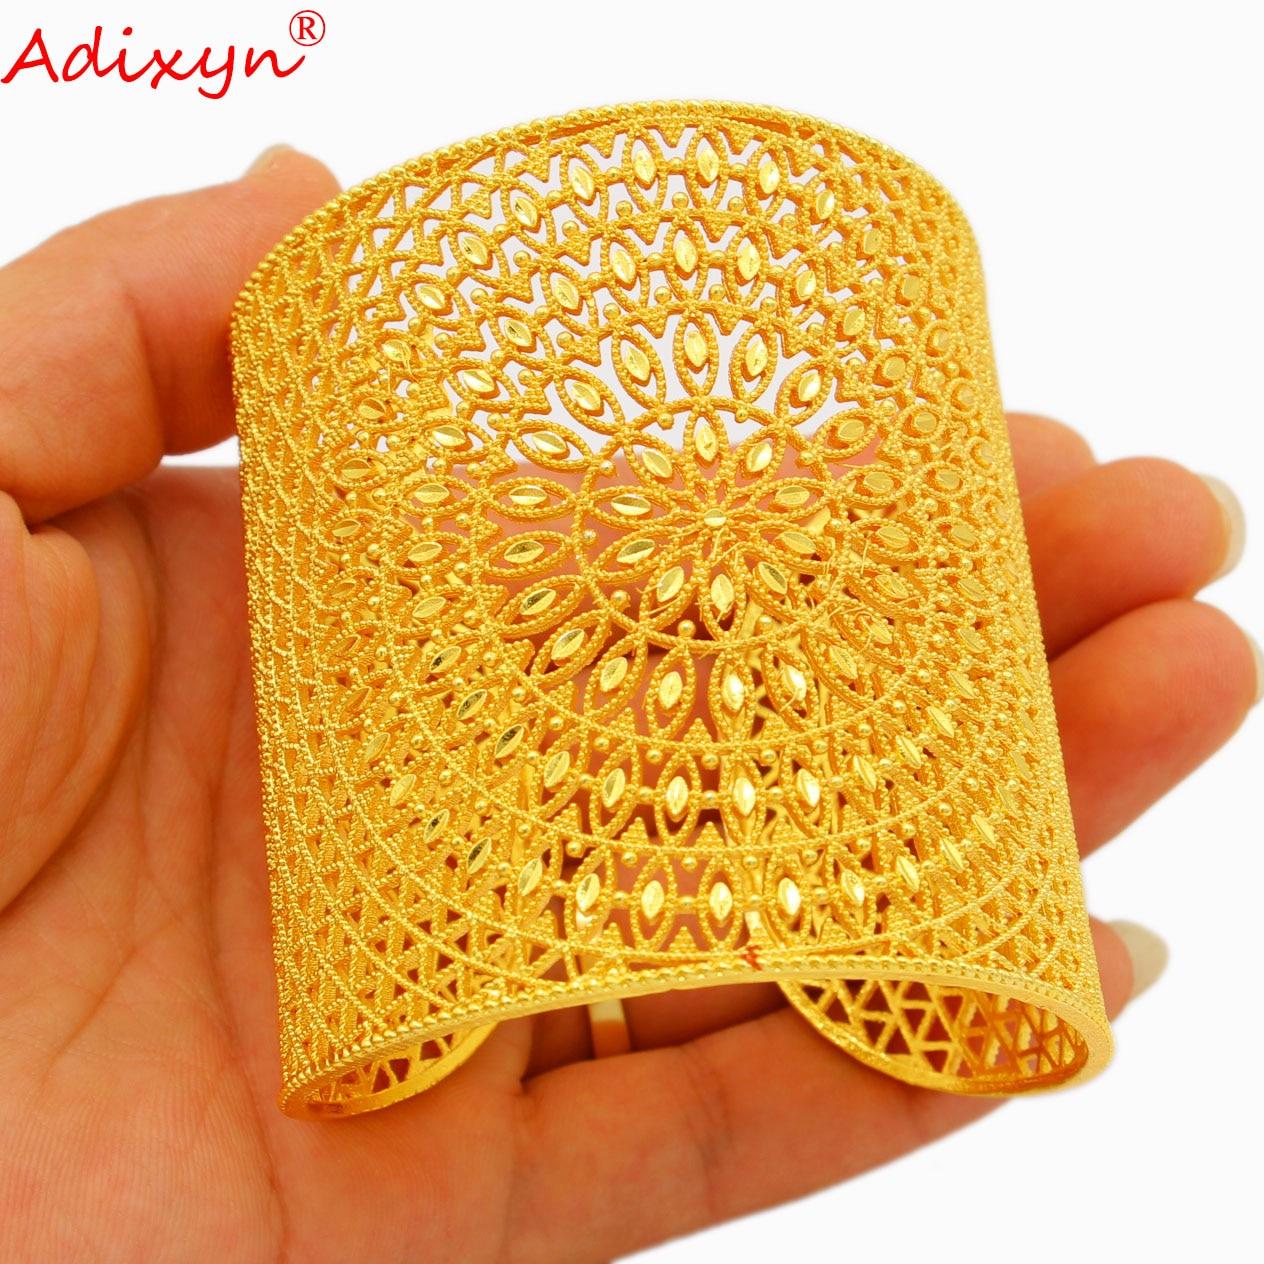 Adixyn العصرية Bnagle للنساء مجوهرات 24k الذهب اللون أساور/سوار الأفريقي دبي العربية حزب للأم هدايا N04286